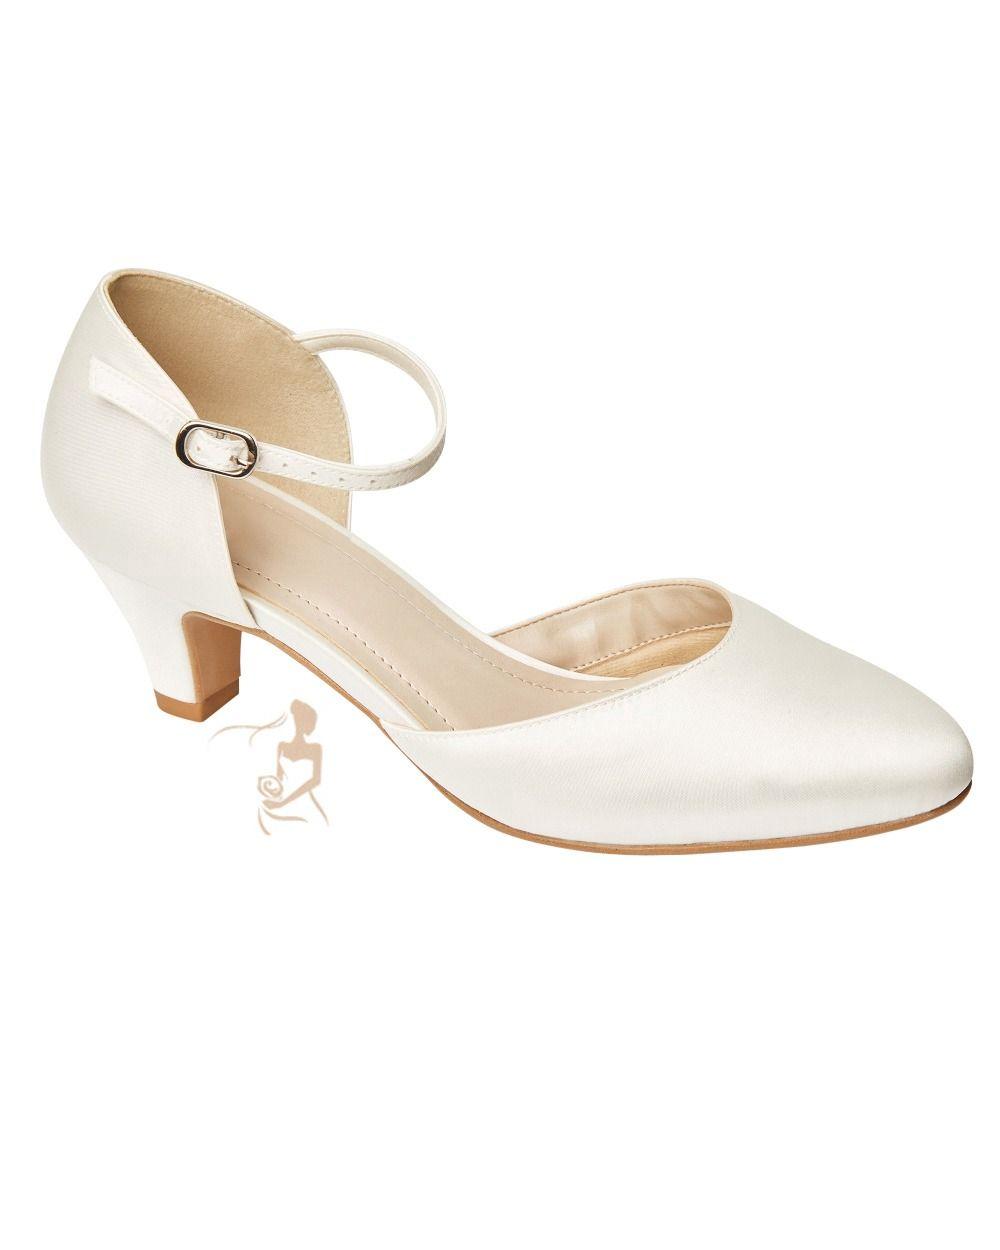 fe0cbb5f5d7d Dieser elegante Brautschuh in ivory kommt mit einem bequemen 5,5 cm hohem  Keilabsatz daher